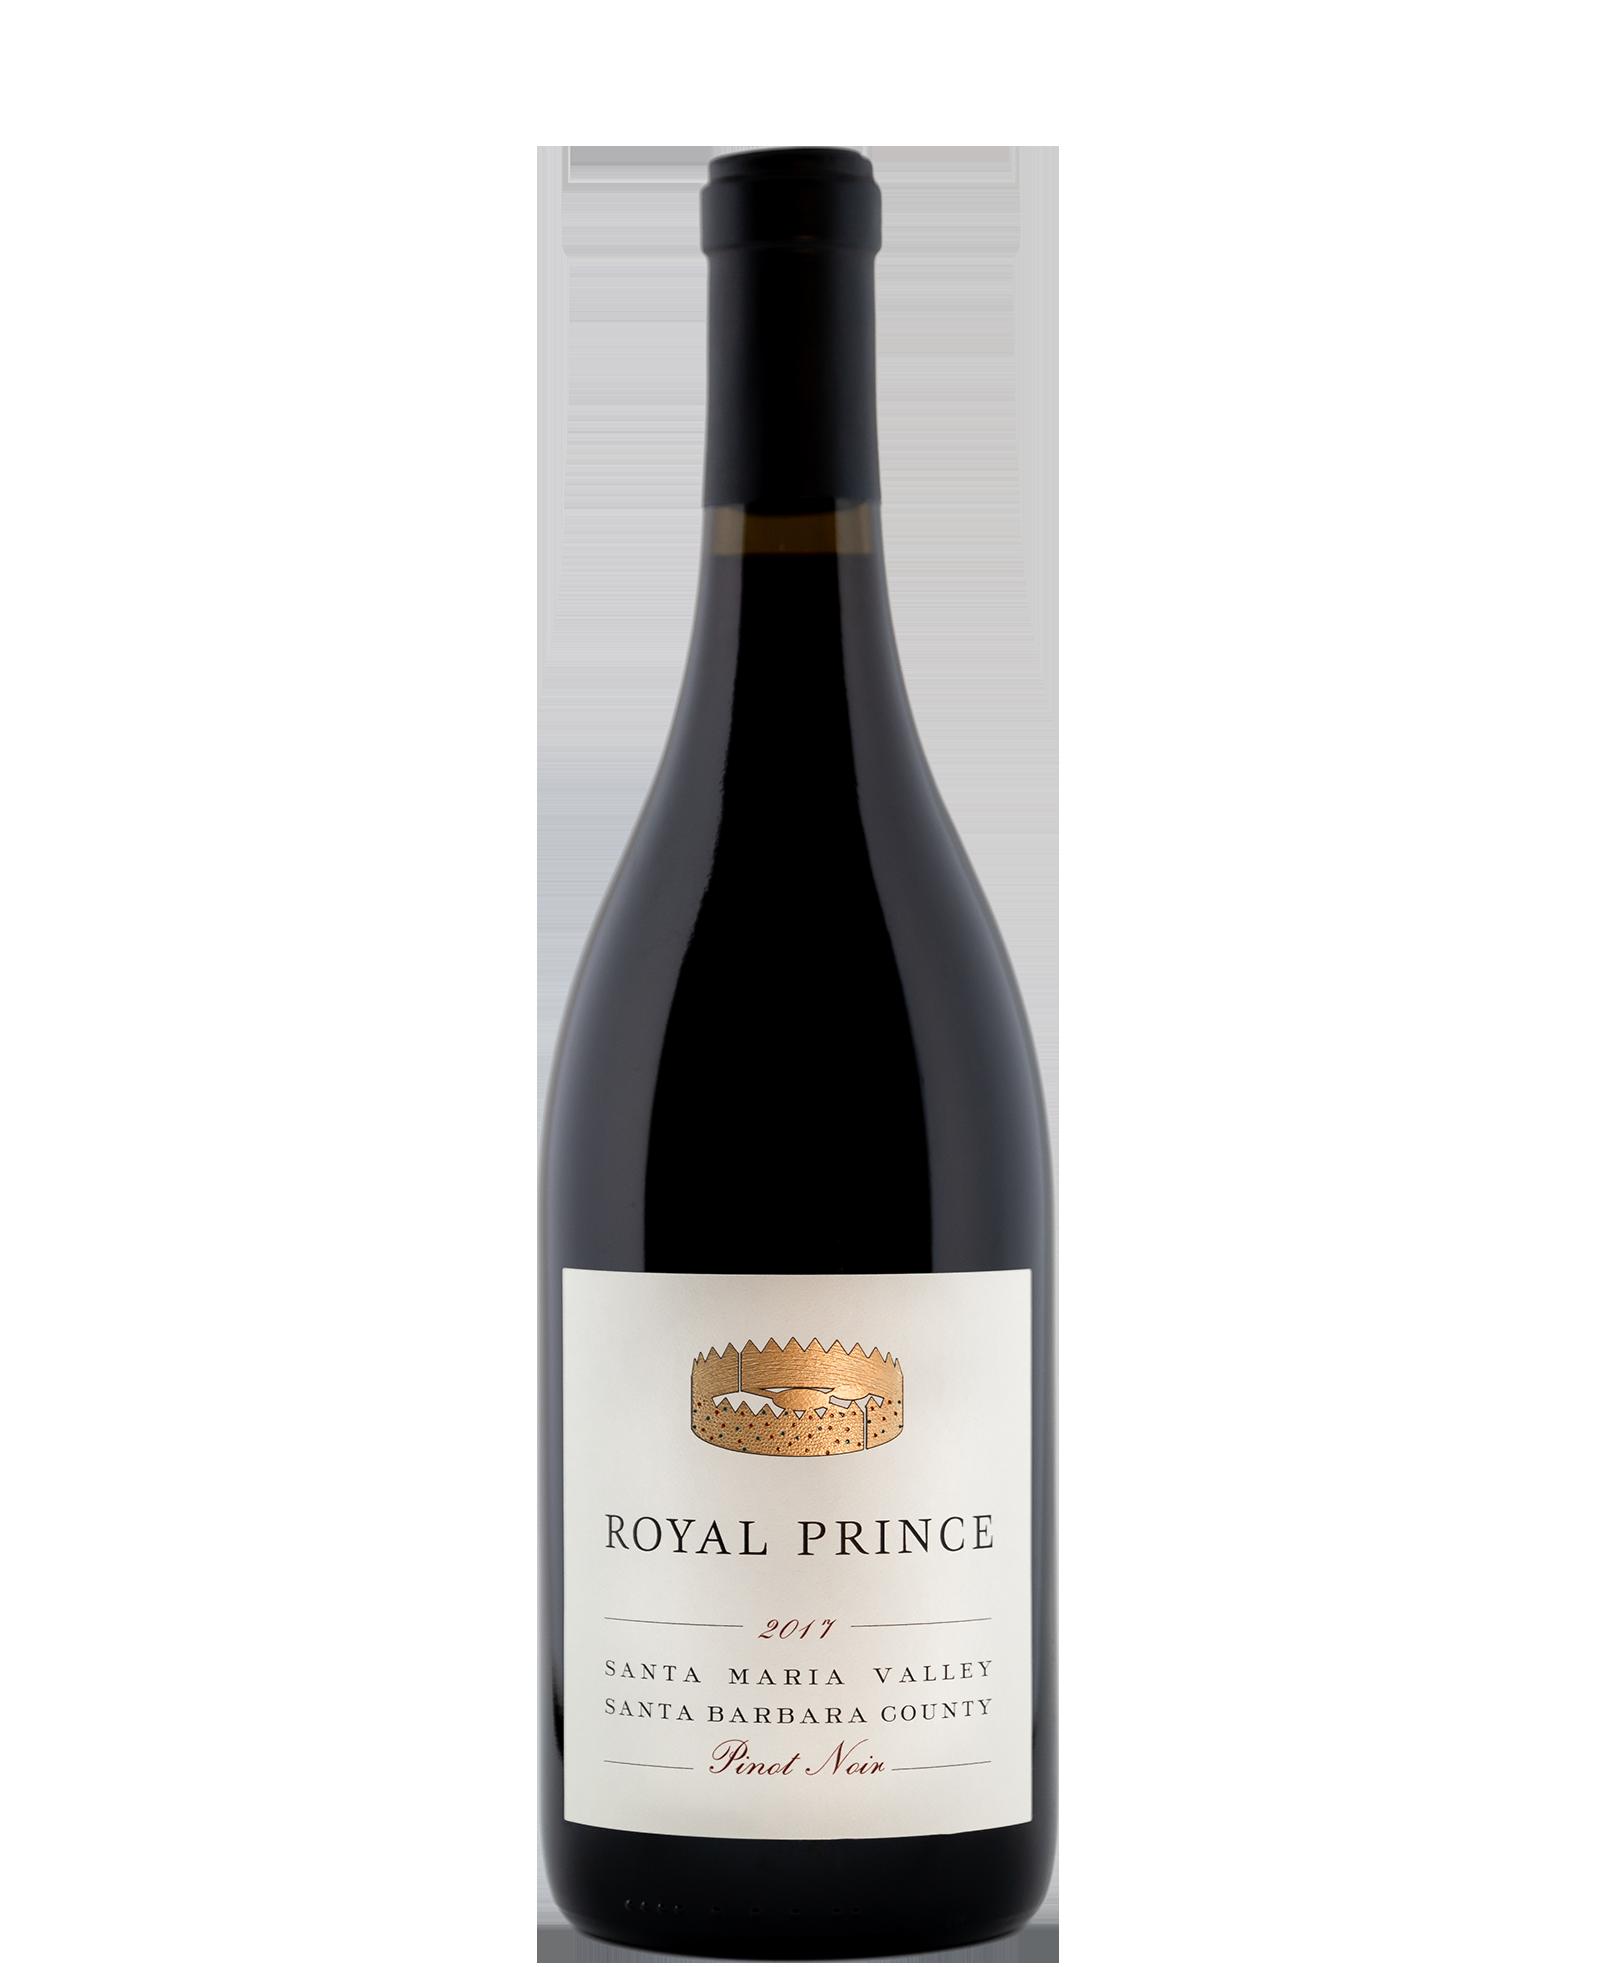 Royal Prince Pinot Noir - Bottle Shot - Web Size.png